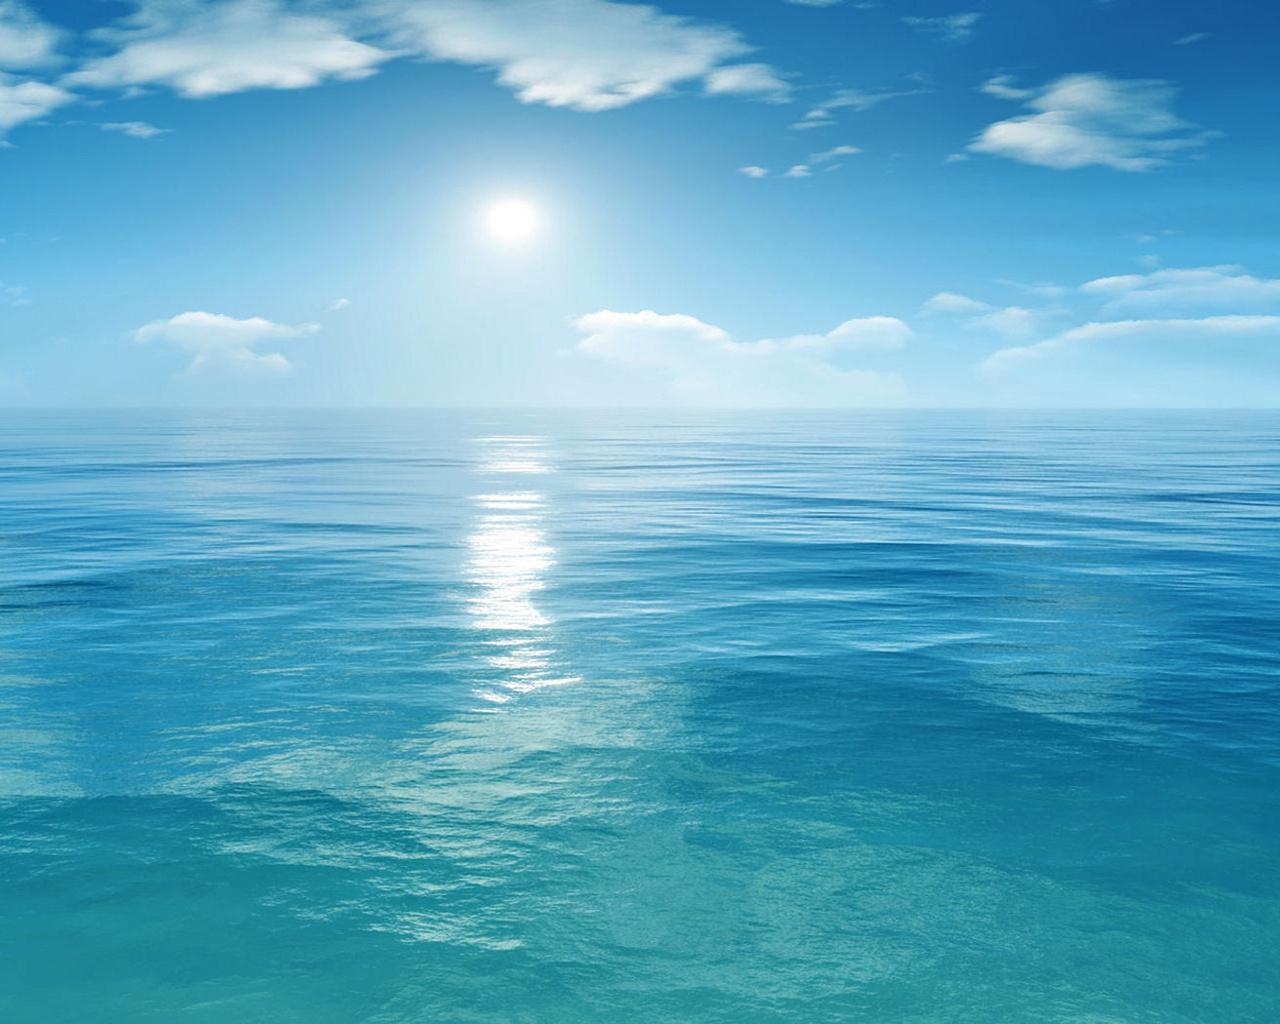 Sea Water wallpaper 1280x1024 75591 1280x1024